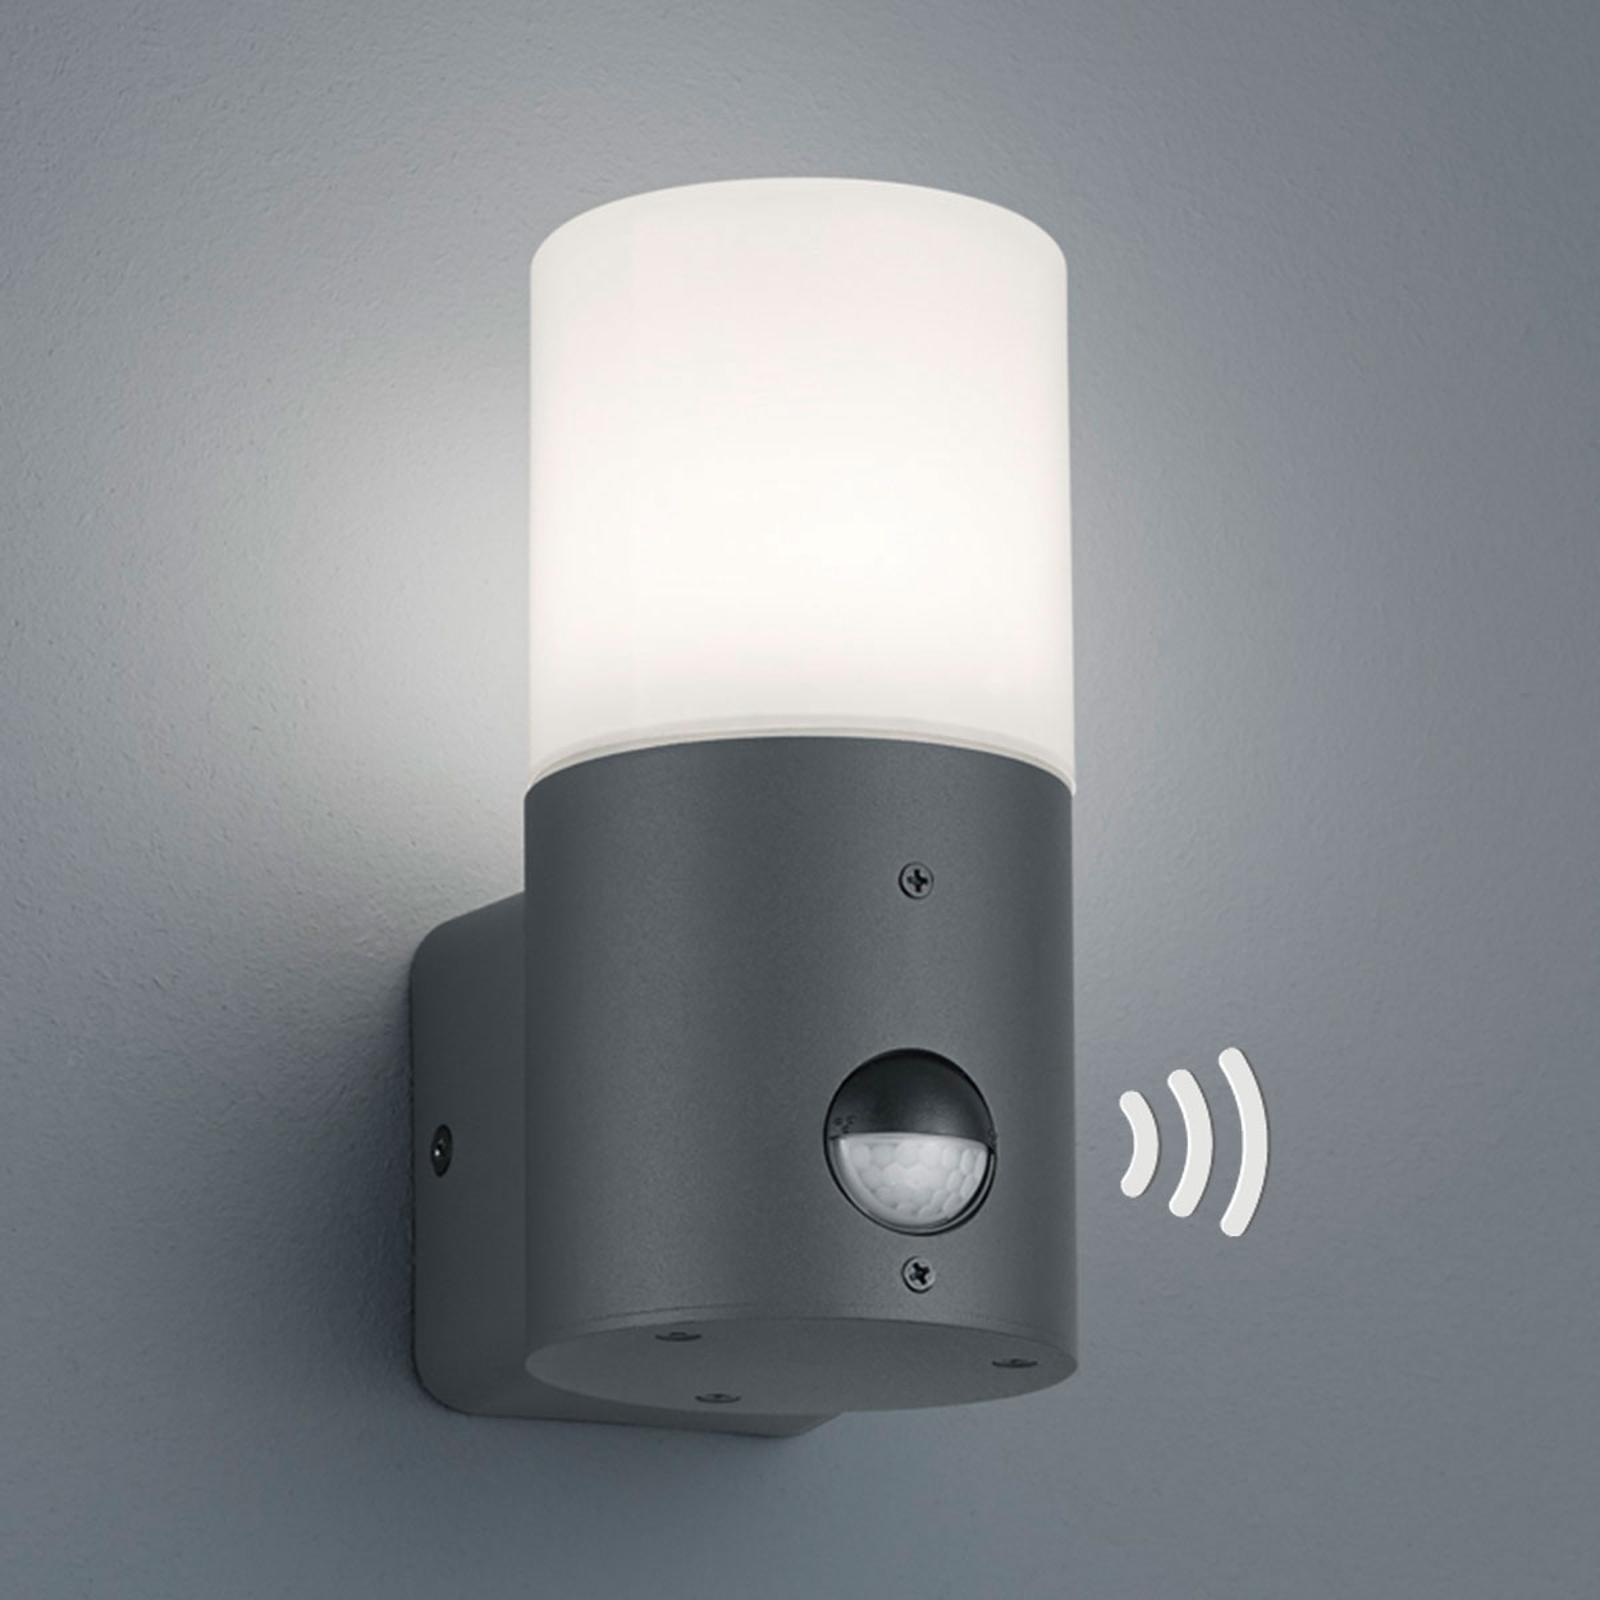 Petite applique d'extérieur Hossic avec détecteur